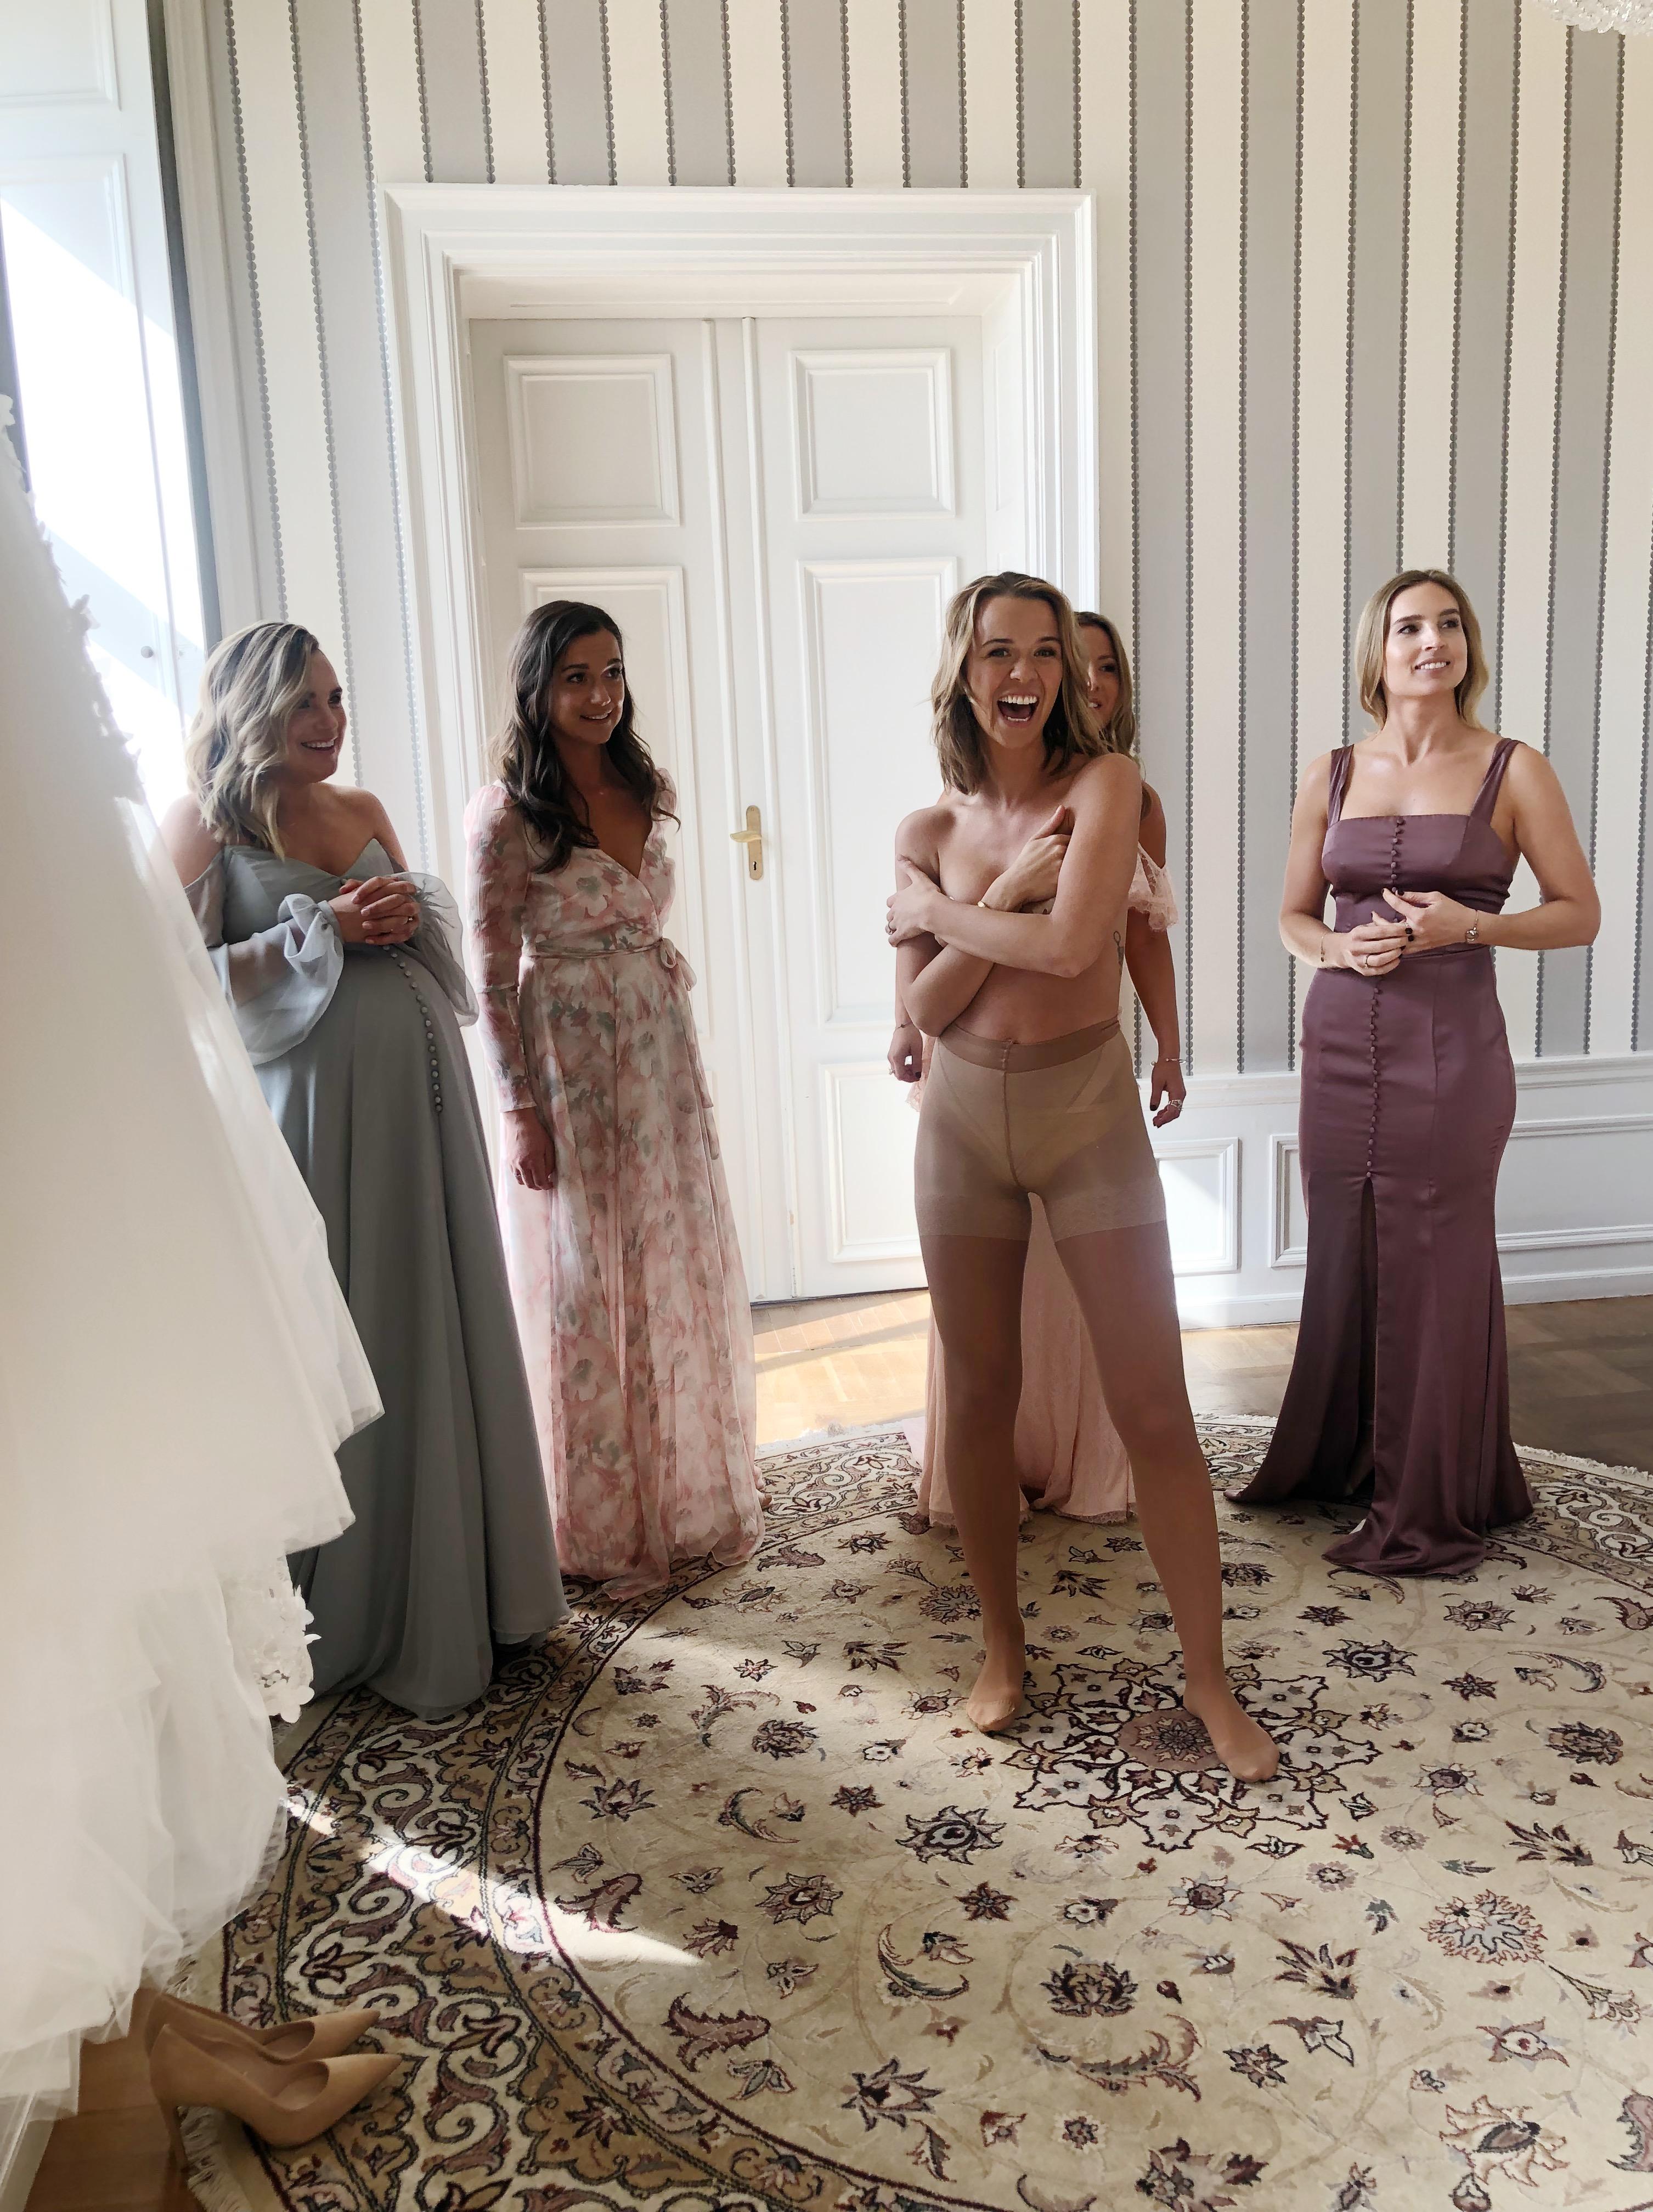 8fafbbb8eb7b 12.30 – Fotograferingen började då tjejerna klädde på mig brudklänningen.  Jag var övertaggad… Sjukt nog känner jag mig fortfarande inte trött, ...